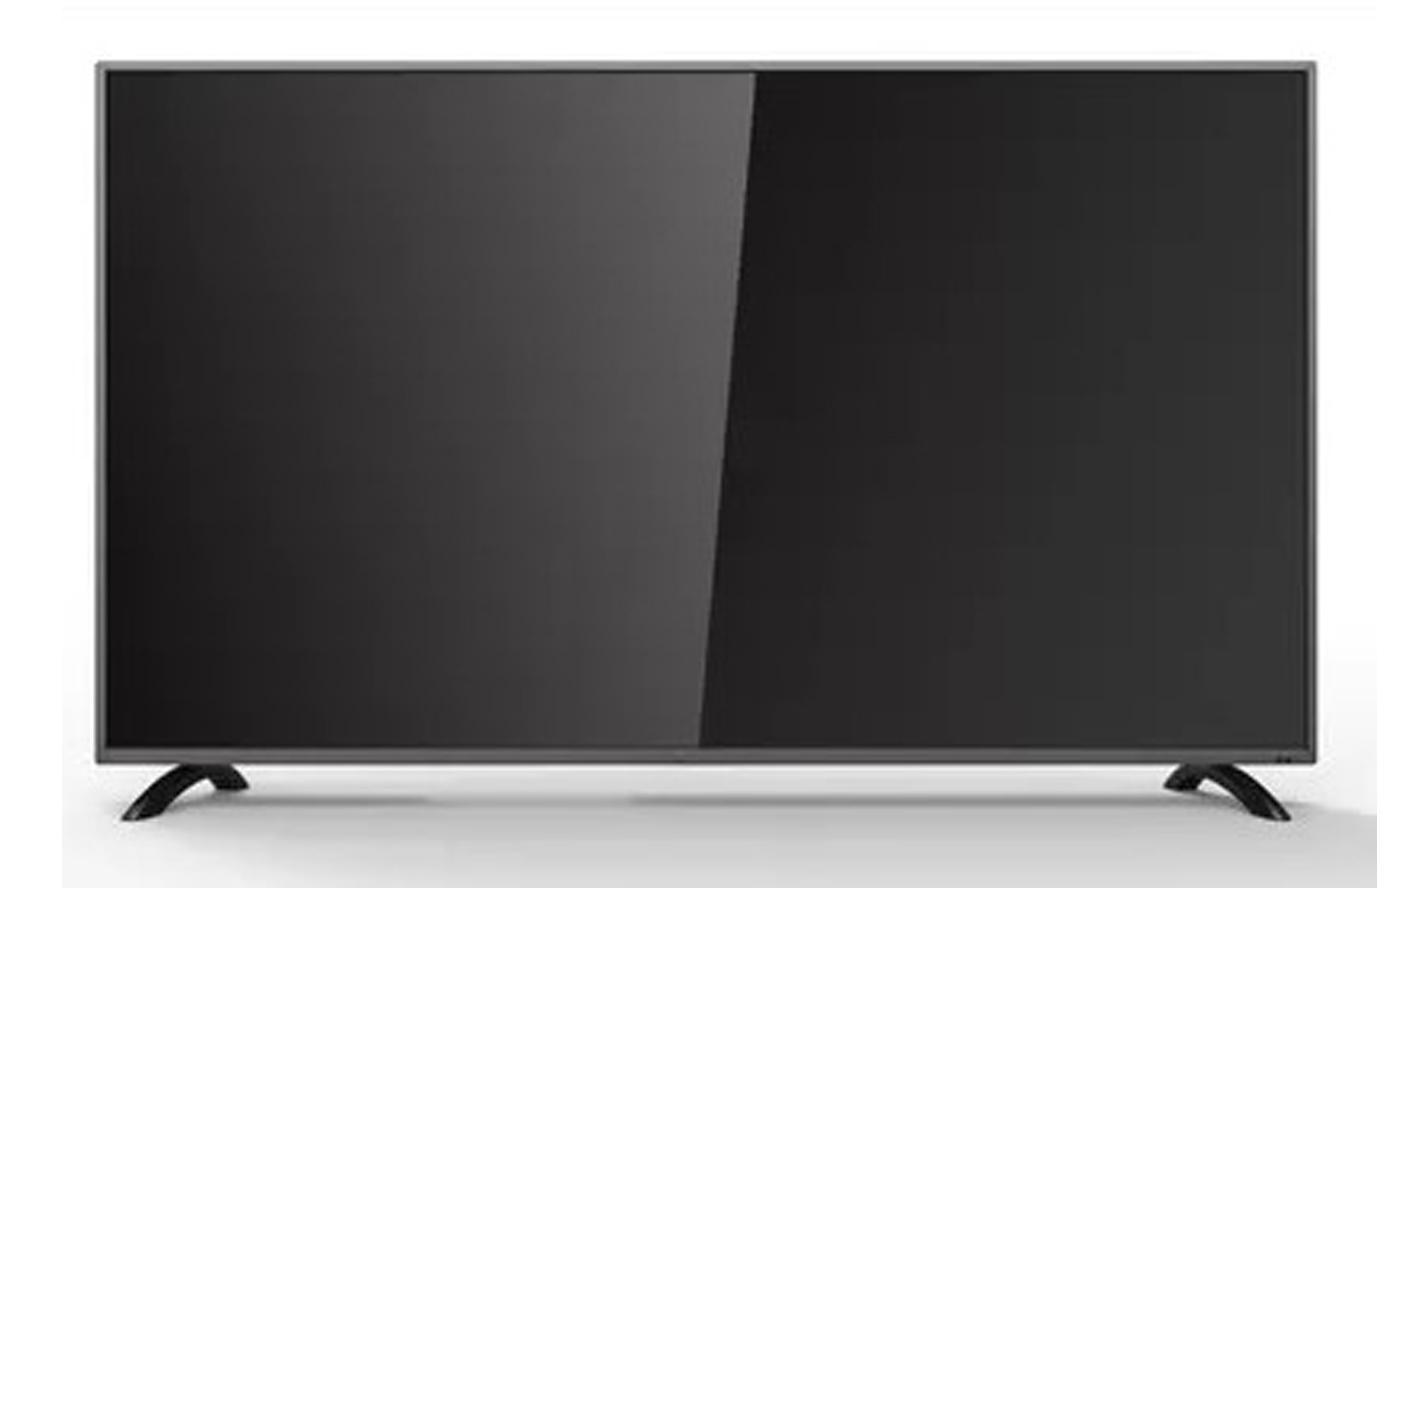 Profilo 50PA305E 50 İnç 127 Ekran DVBS2 LED Smart TV